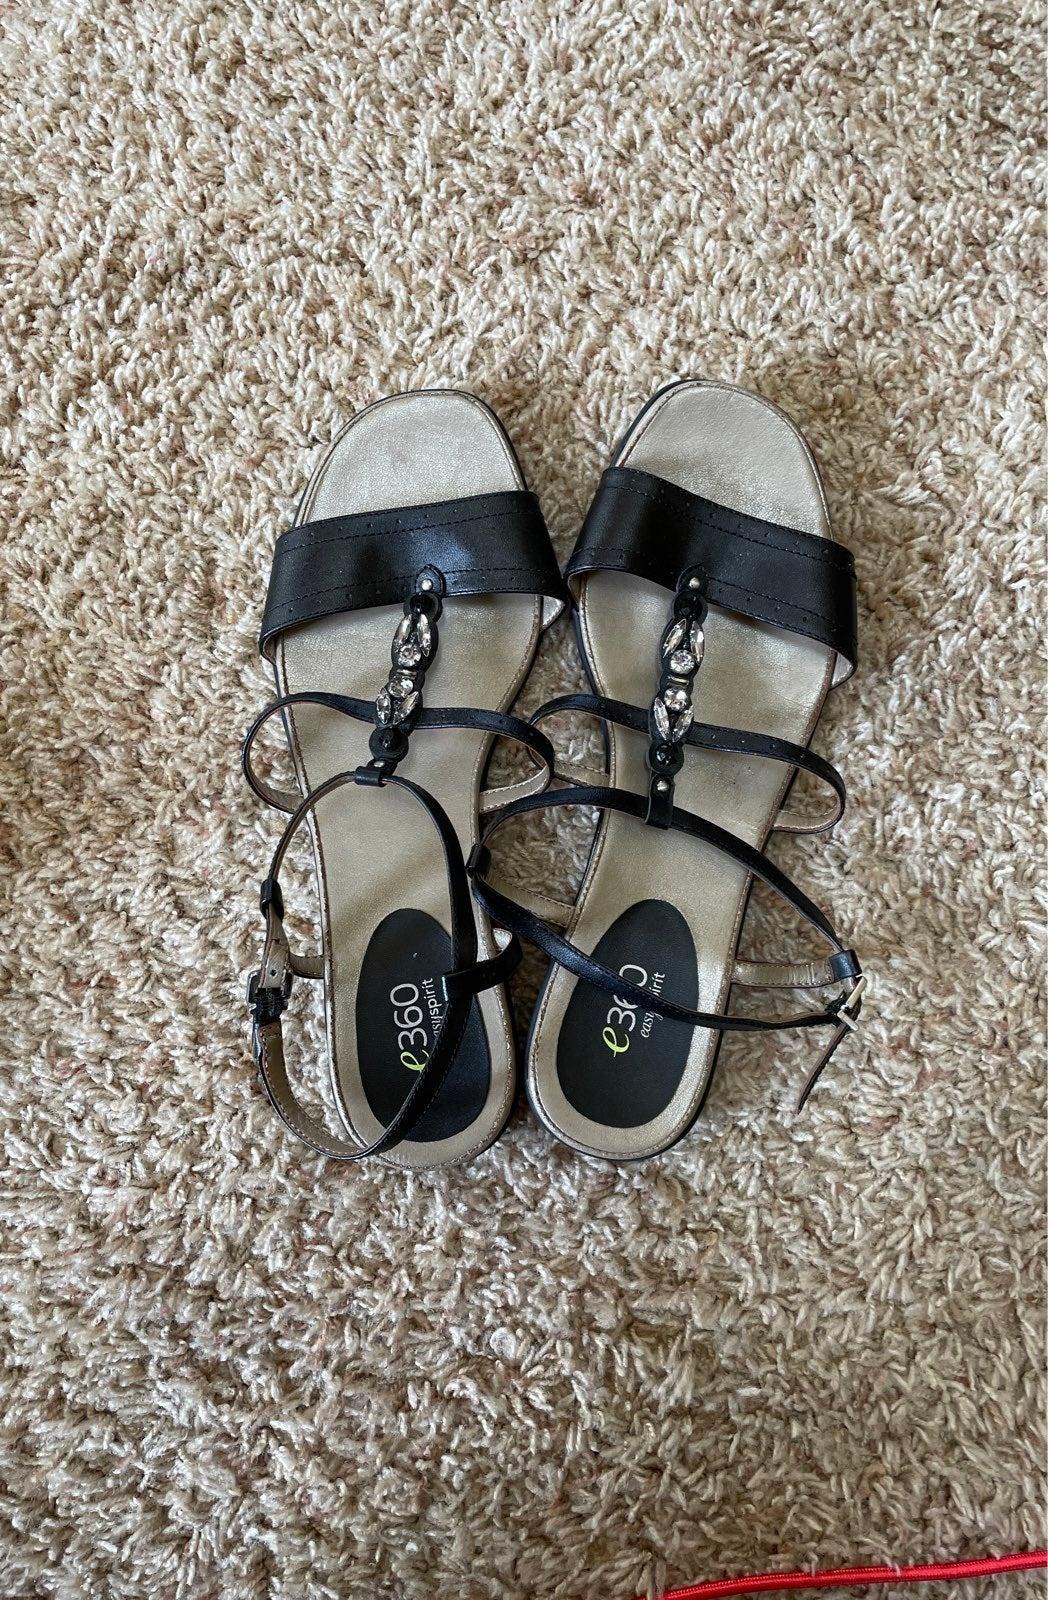 E360 Easy Spirit size 9 sandals